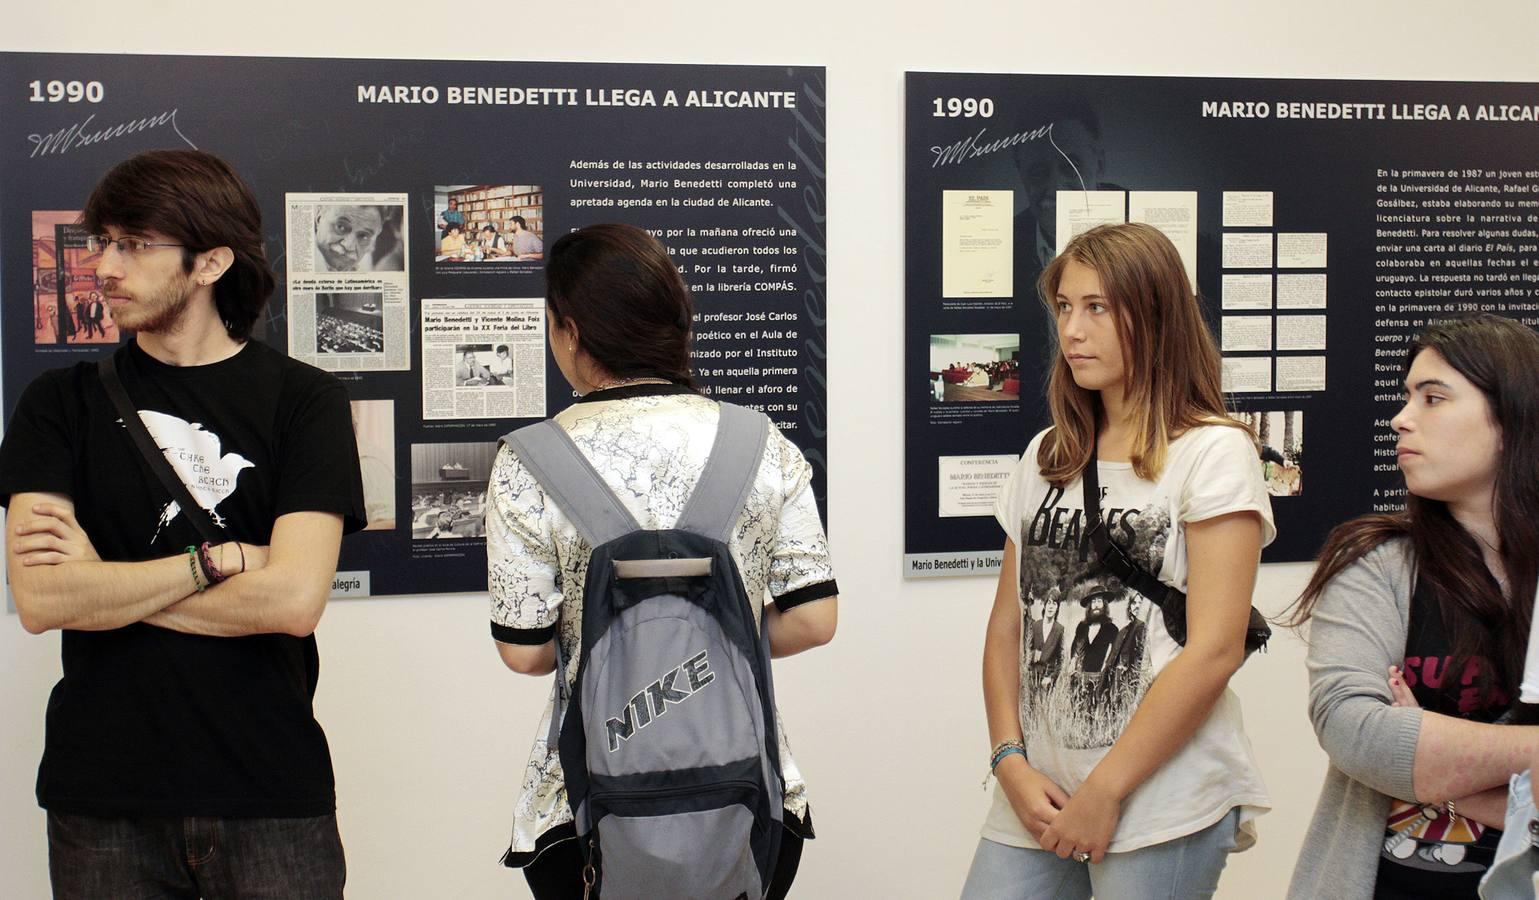 Inauguración de la exposición de Mario Benedetti en la UA